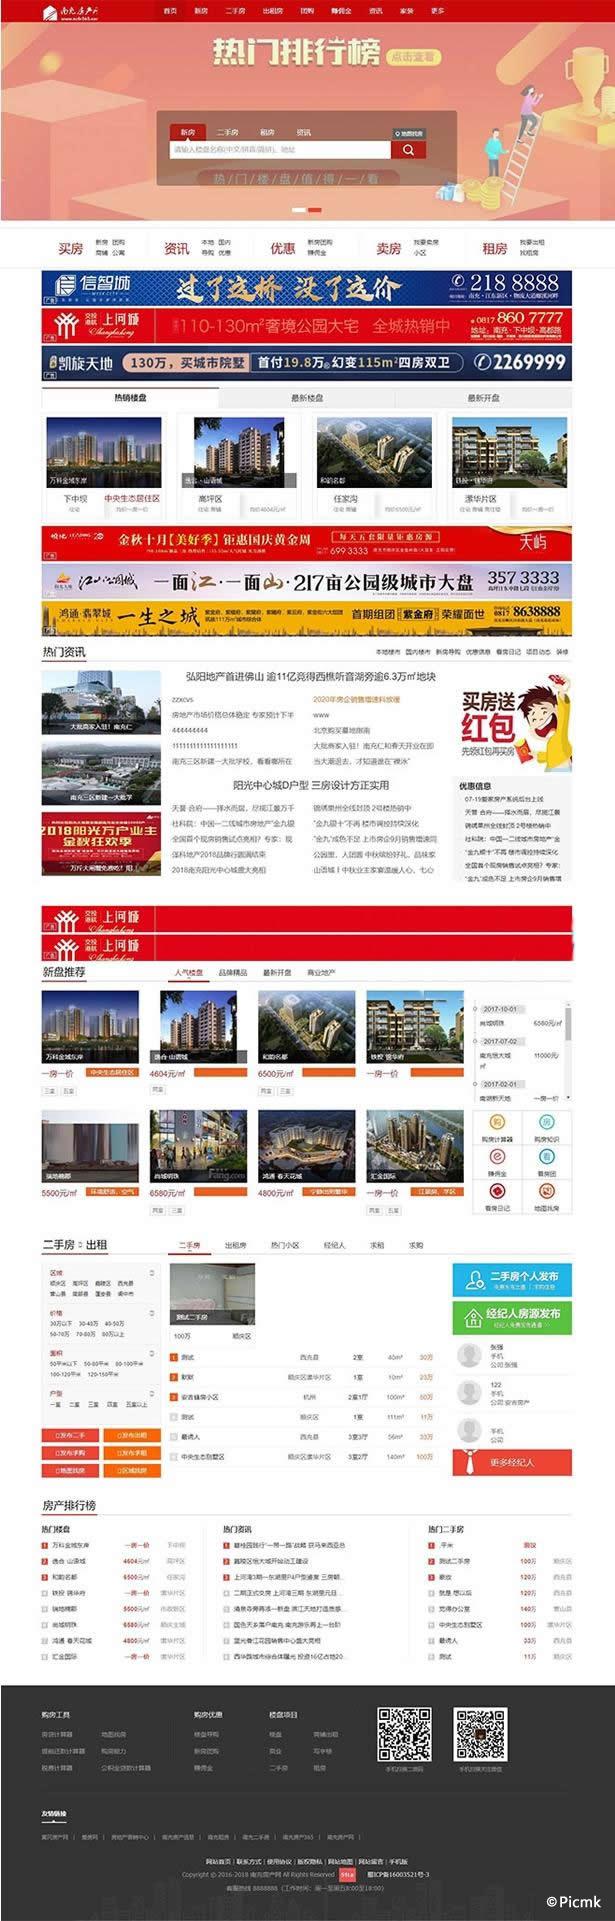 愛家Aijiacms紅色高端大型房產門戶係統V9網站源碼 帶手機版插圖1